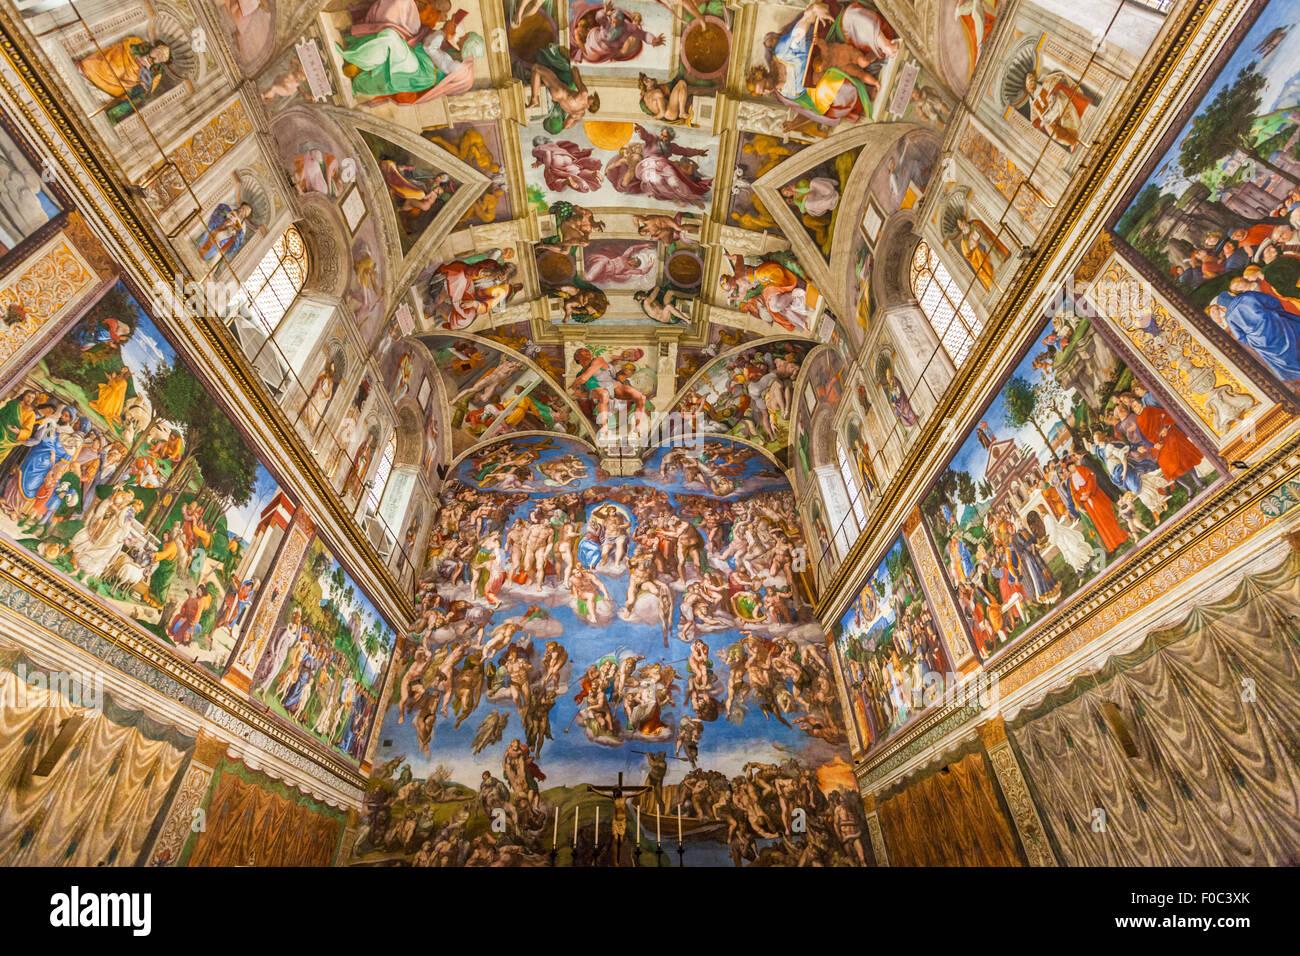 Sixtinische Kapelle Apostolischen Palast Vatikan Museum Vatikanstadt Rom Italien EU Europa Stockbild